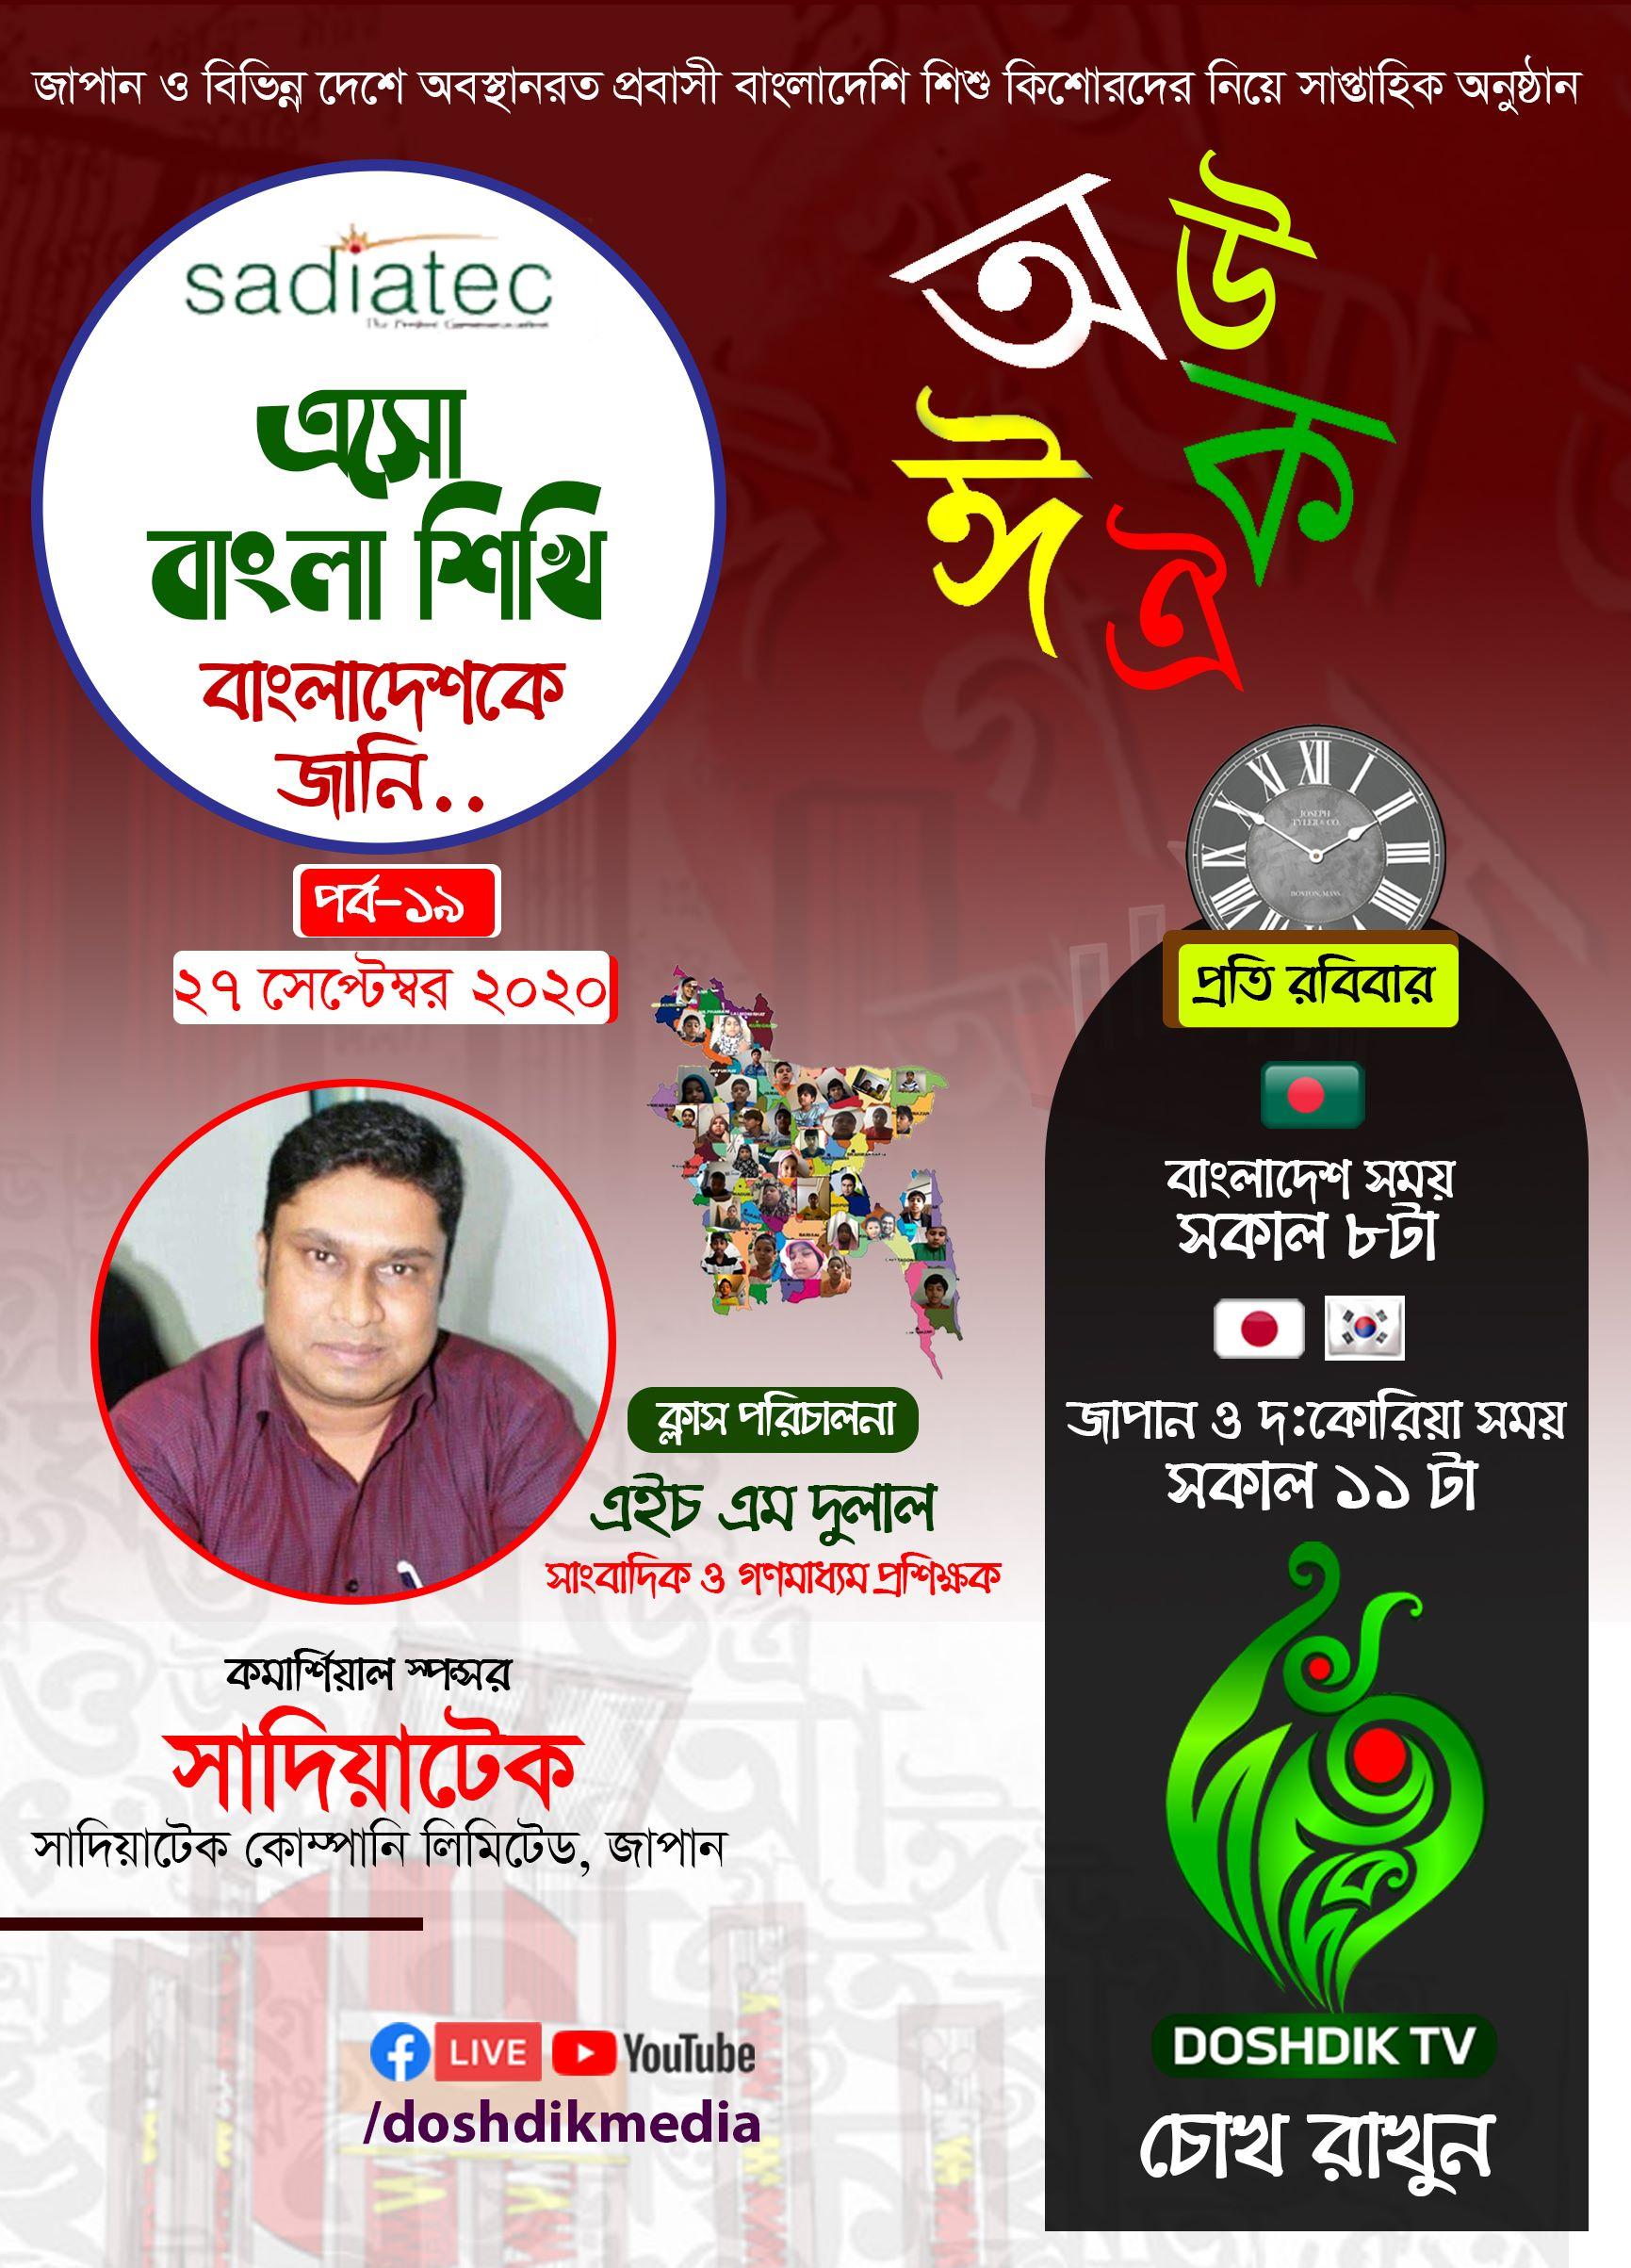 এসো বাংলা শিখি || বাংলাদেশকে জানি (পর্ব ১৯) || Doshdik Tv